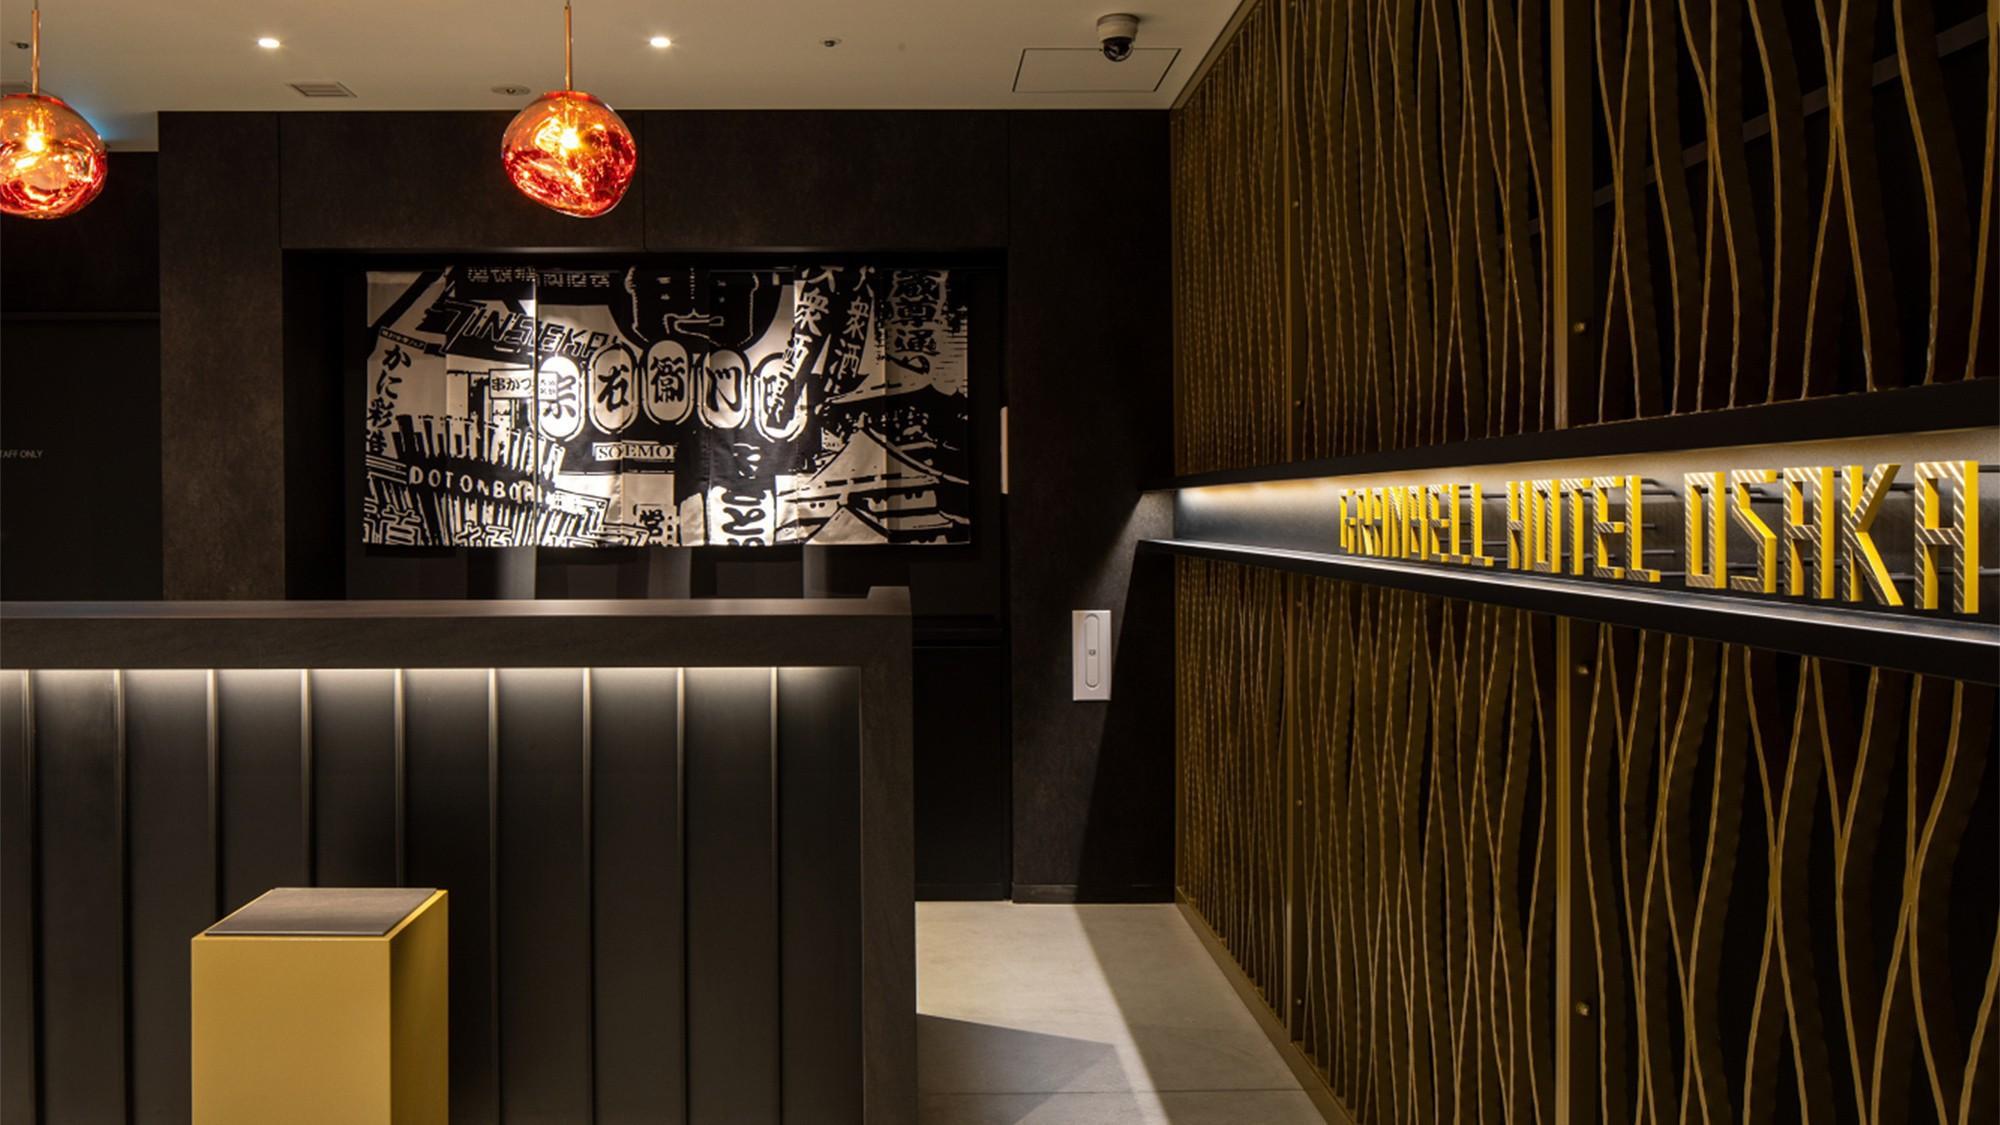 【フロント】<3F>落ち着いた雰囲気を感じさせるフロントでお客様をお迎えいたします。